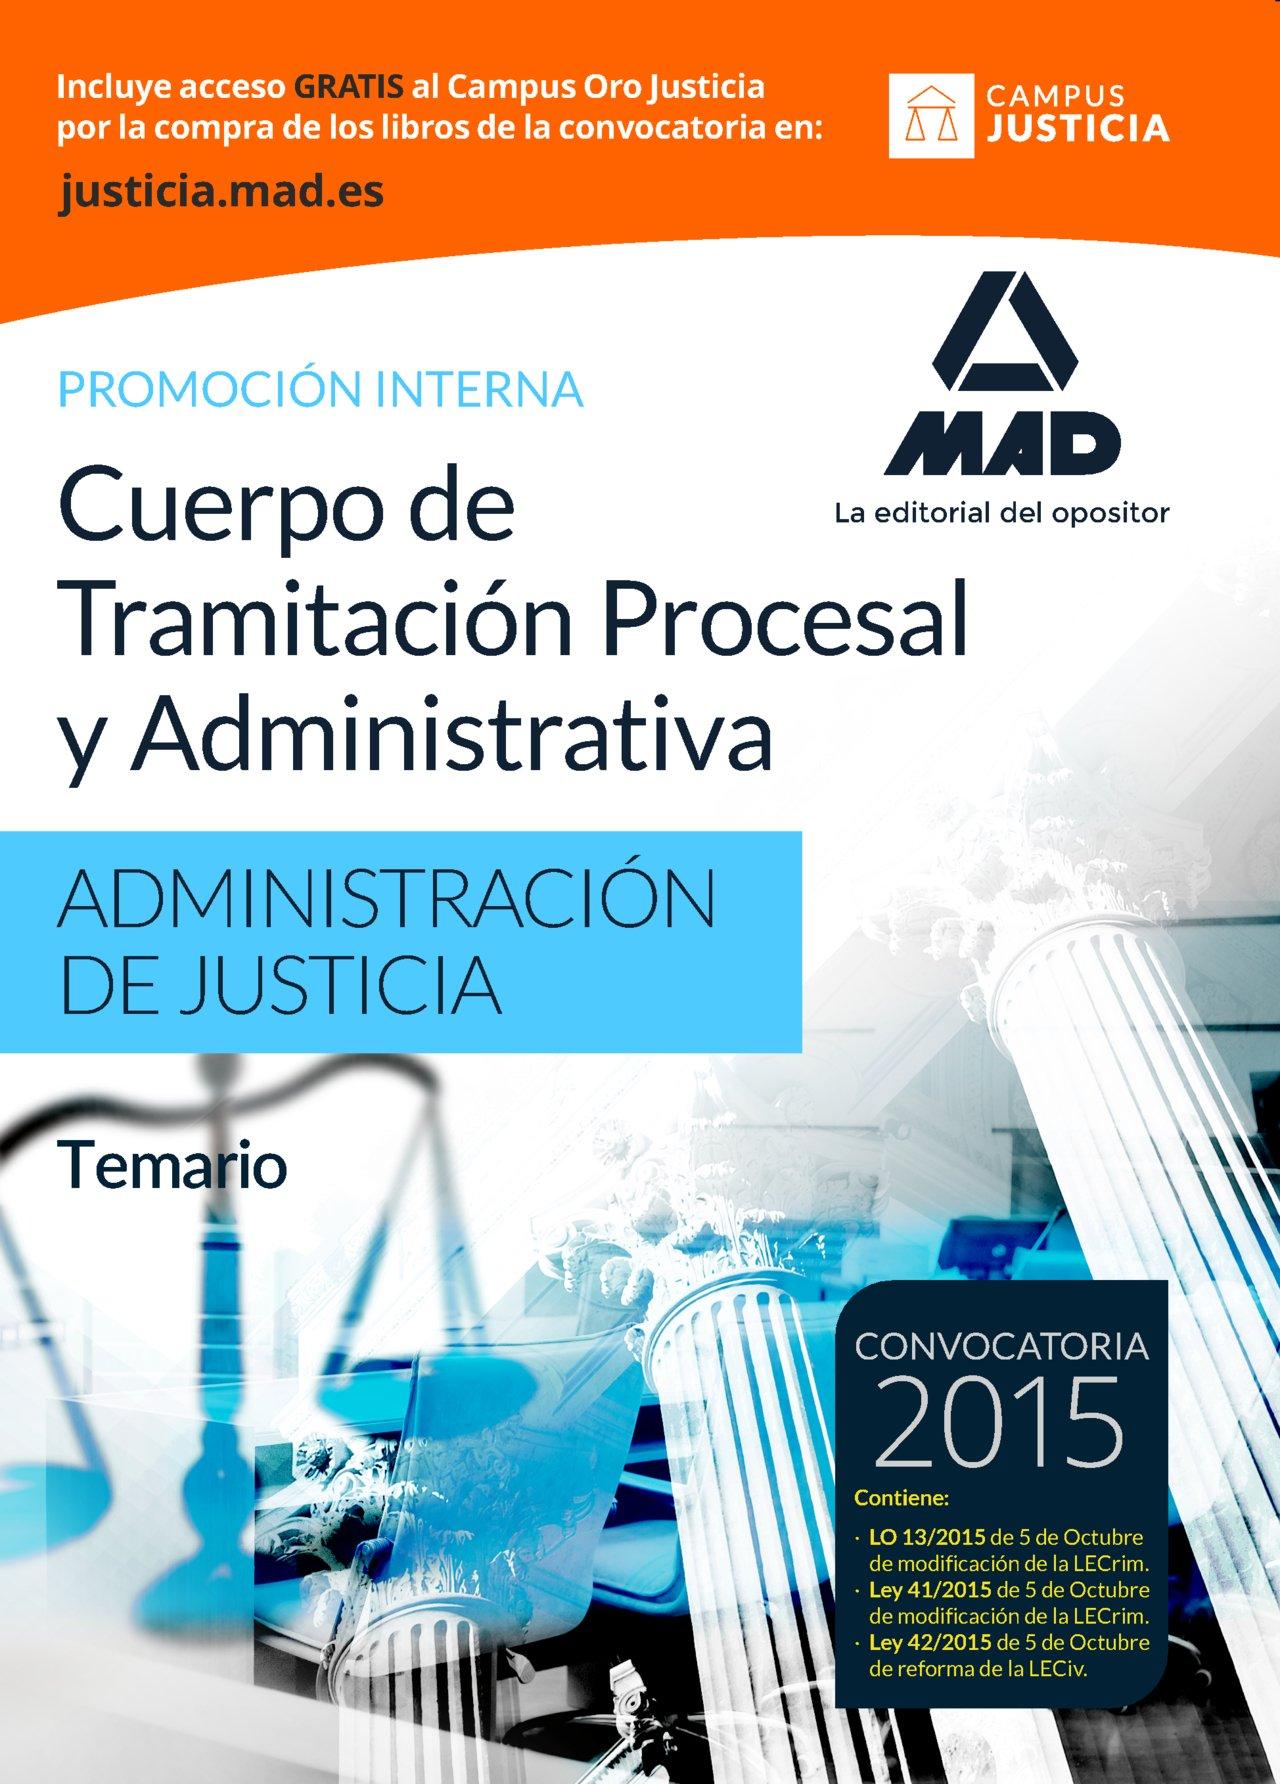 Download Cuerpo de Tramitación Procesal y Administrativa de la Administración de Justicia. Promoción interna. Temario PDF